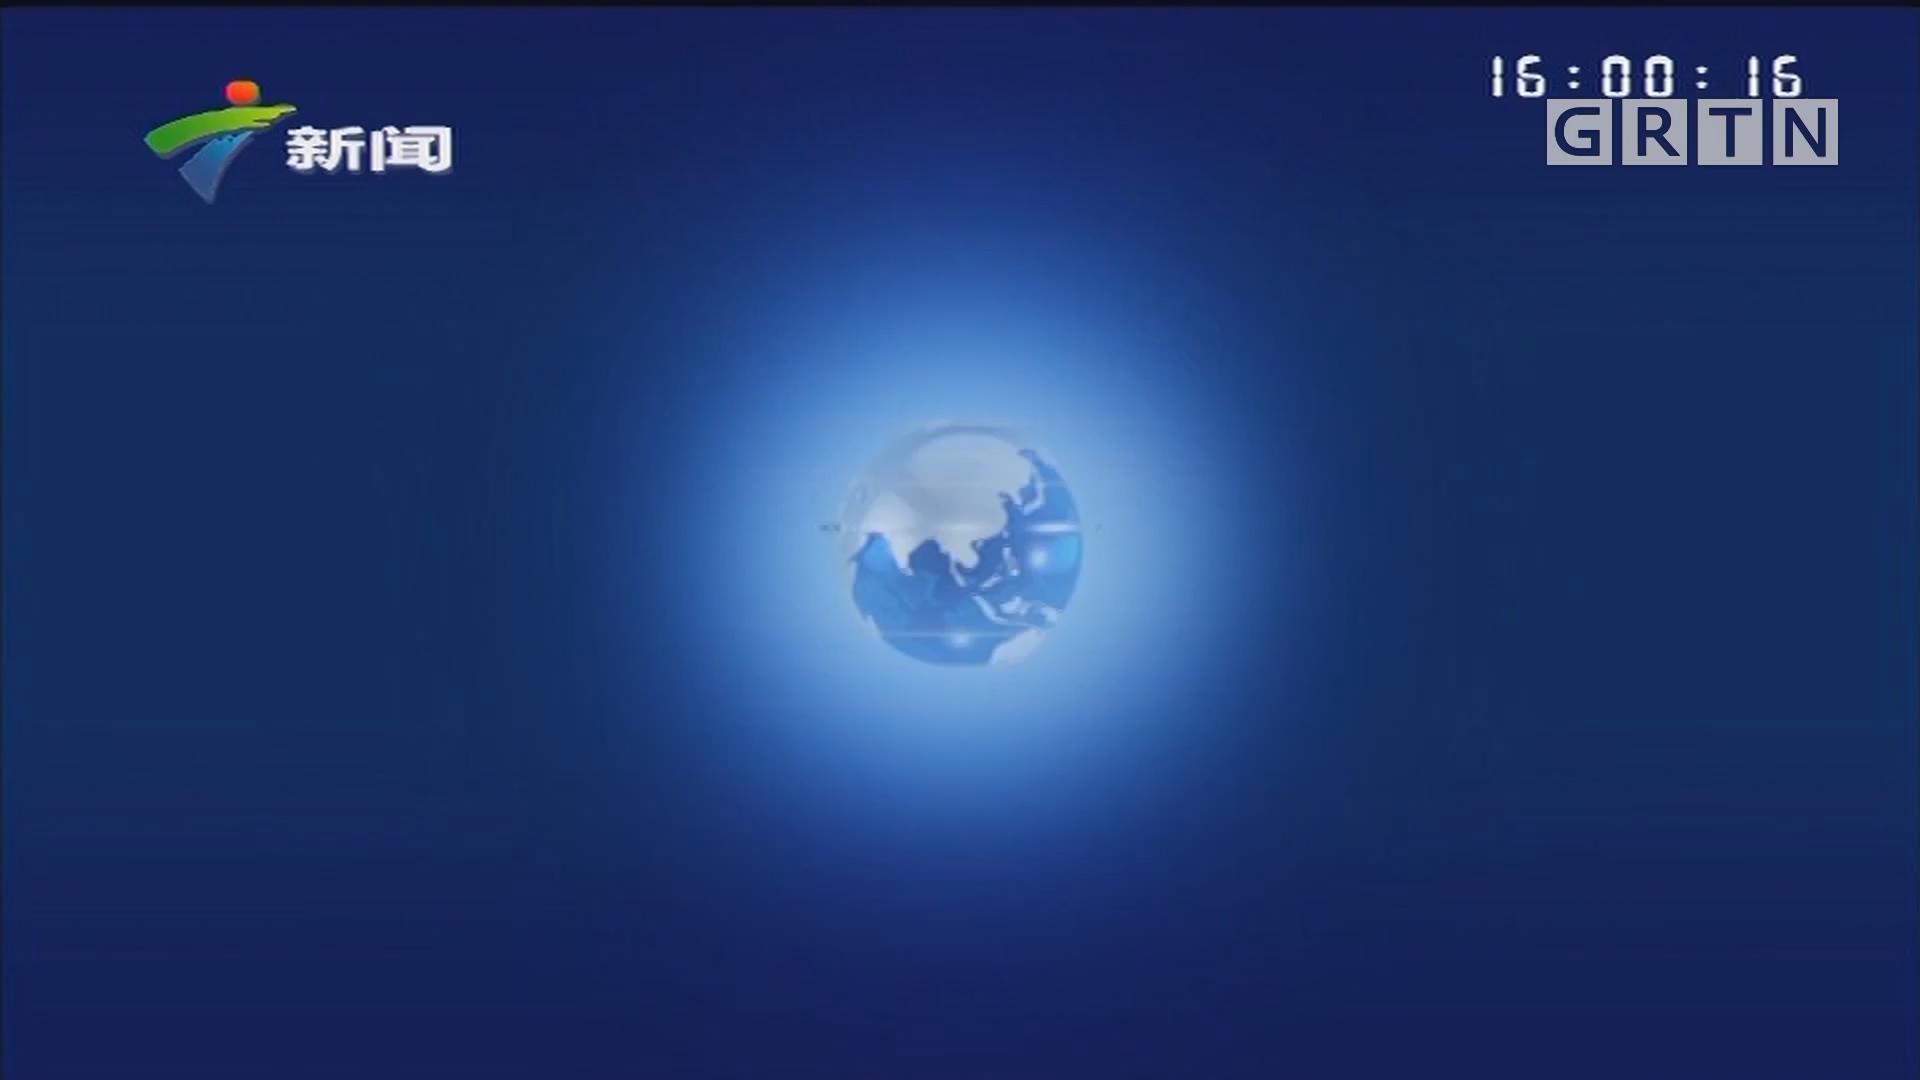 [HD][2019-11-04]正点播报:佛山高明警方破获案值1.5亿的假冒净水滤芯案 网上借促销名义 肆意销售假冒净水滤芯